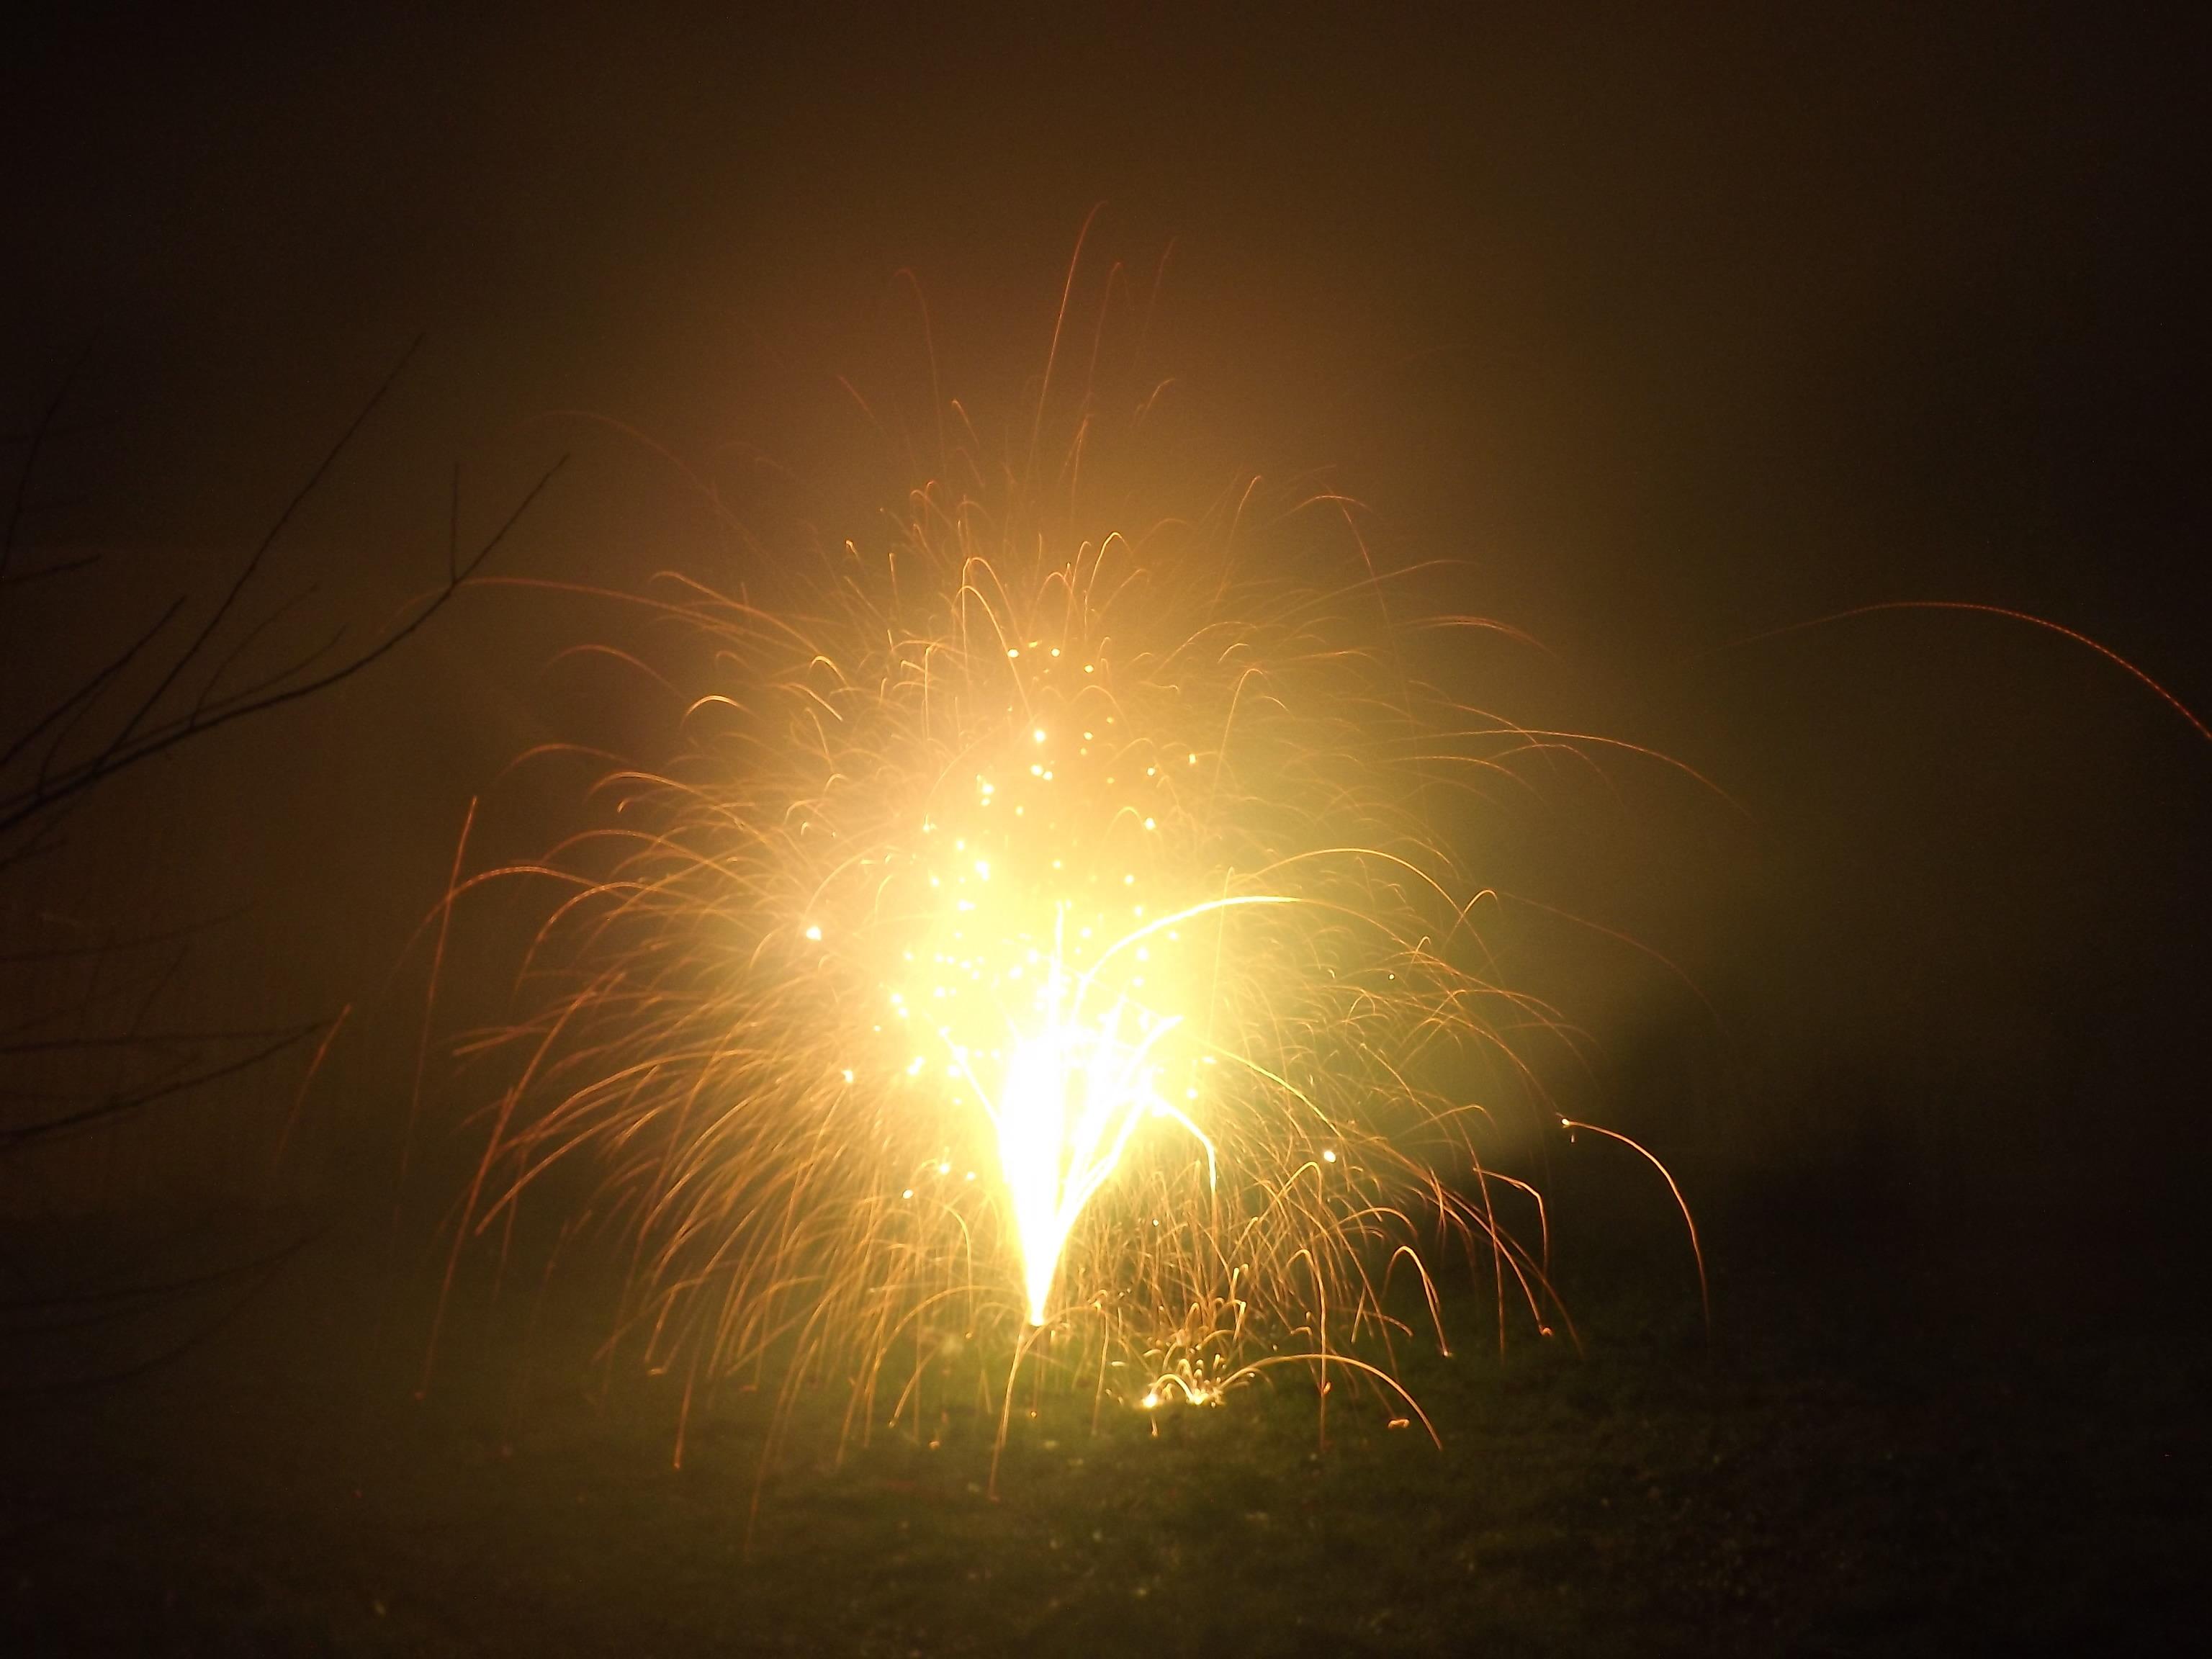 6745-feuerwerk-silvester-neujahr-feuer